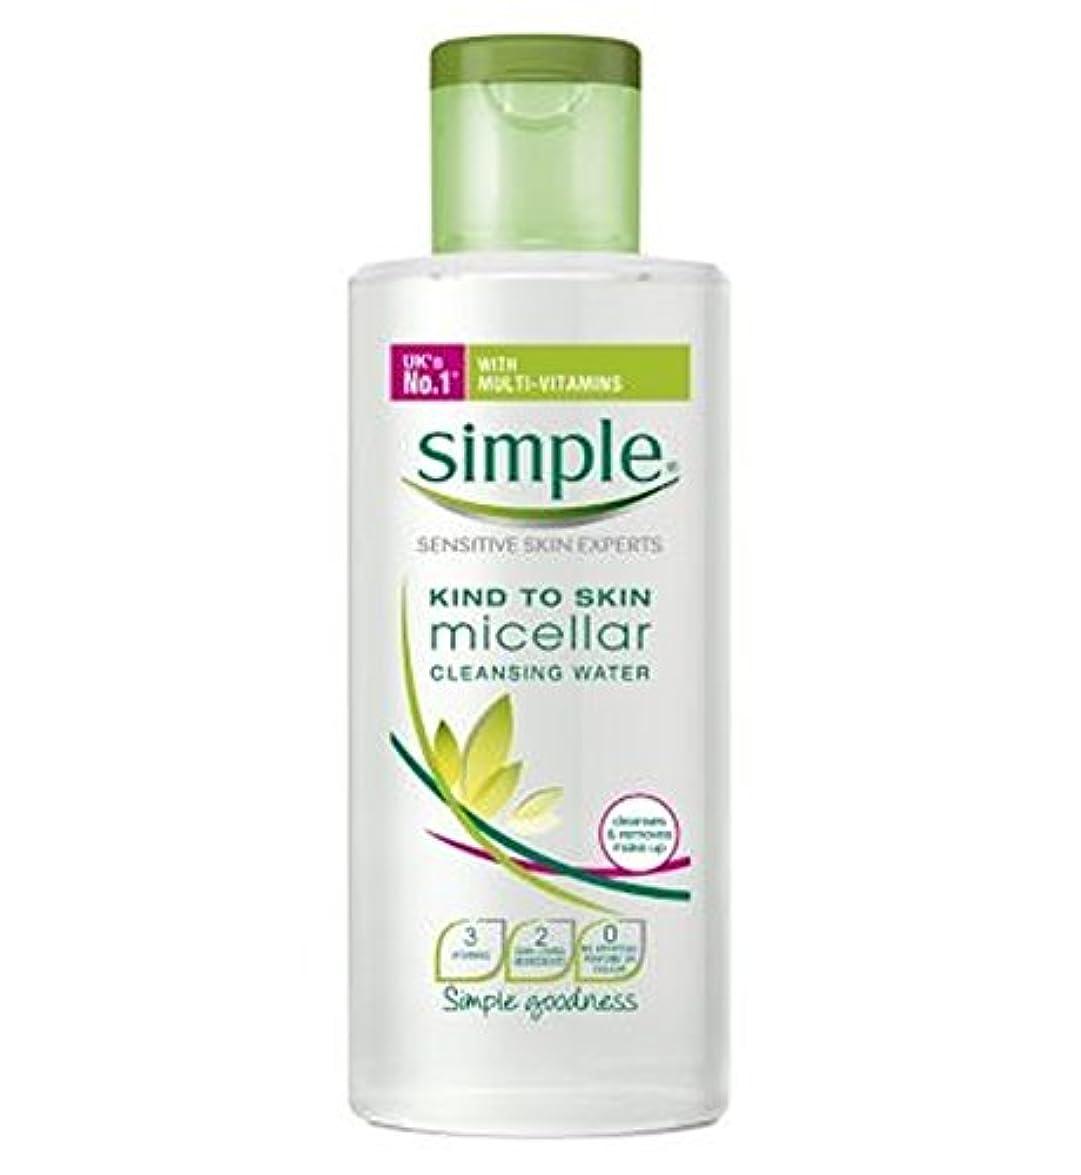 低い証言する機械的に皮膚ミセル洗浄水200ミリリットルに簡単な種類 (Simple) (x2) - Simple Kind To Skin Micellar Cleansing Water 200ml (Pack of 2) [並行輸入品]